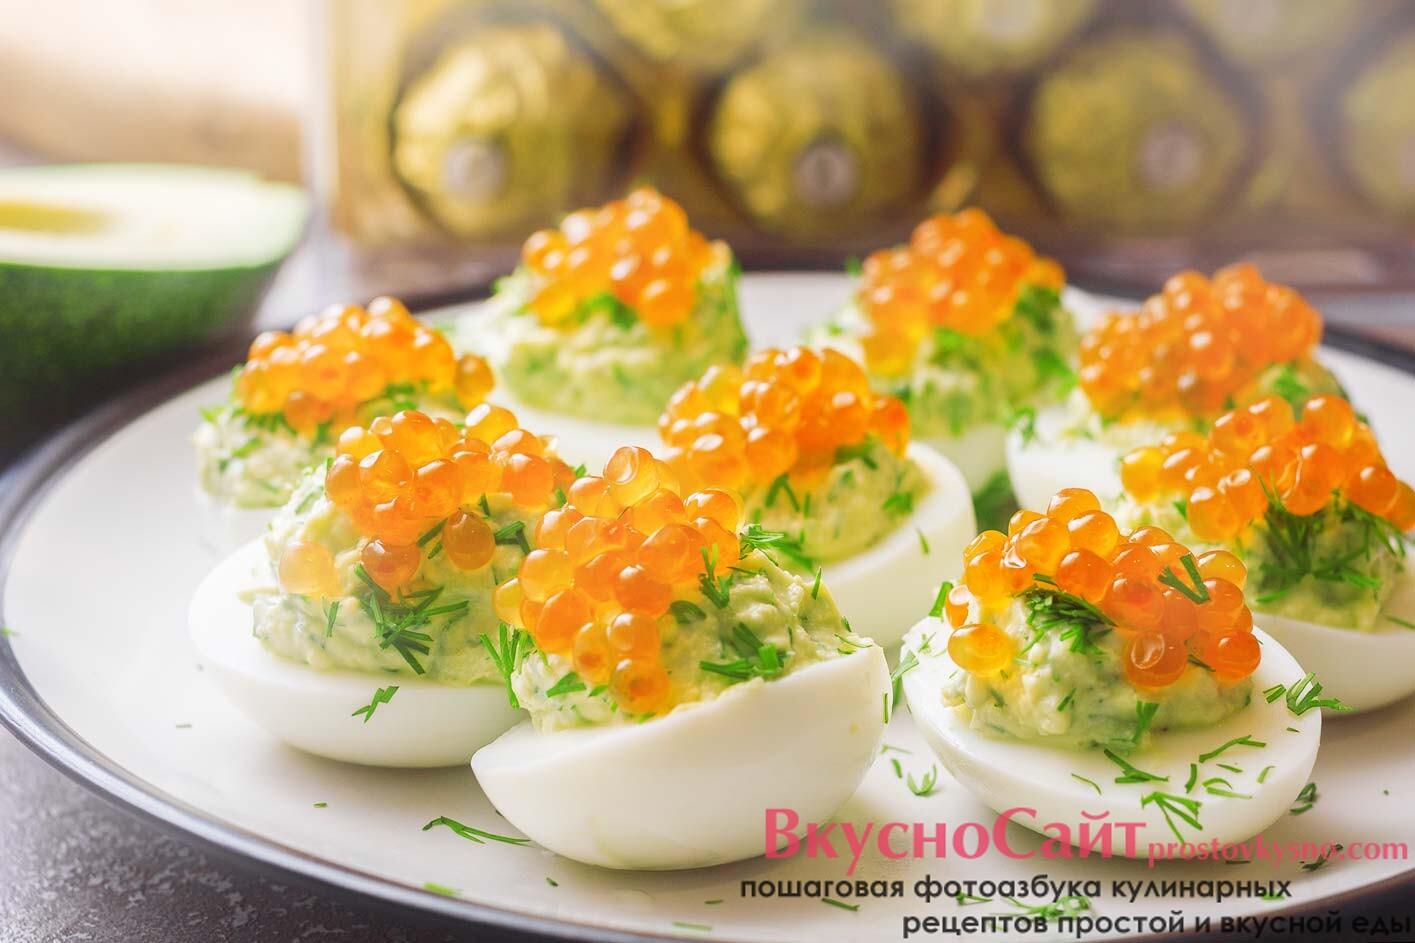 Фаршированные яйца с авокадо и красной икрой в домашних условиях